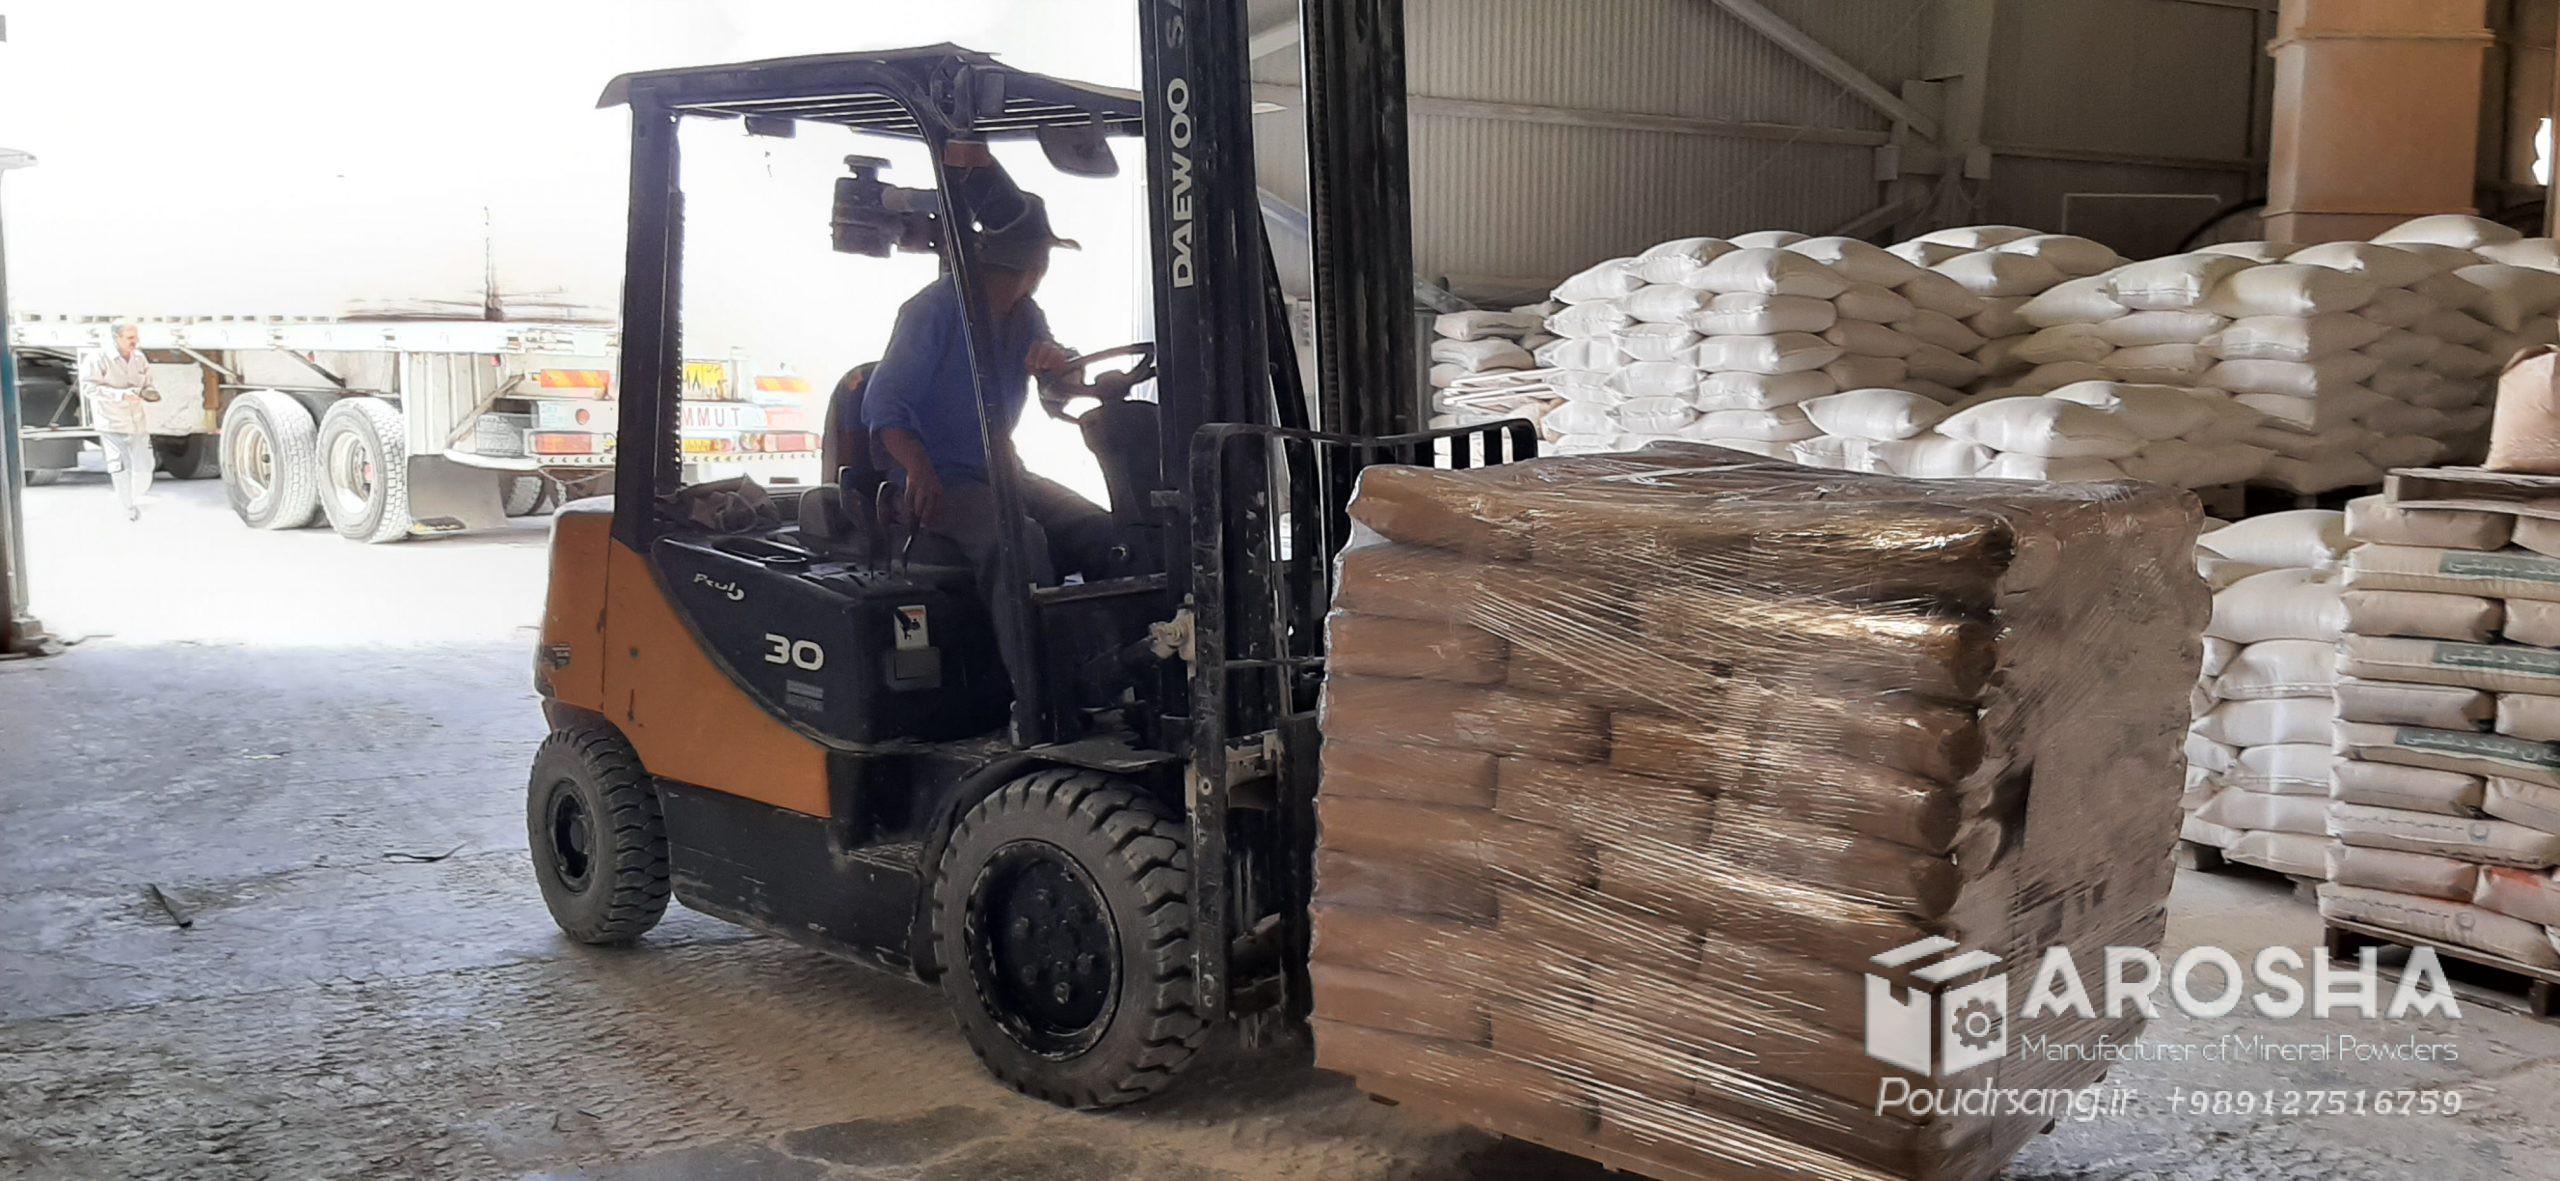 خرید پودر کربنات کلسیم دلیجان ارزان